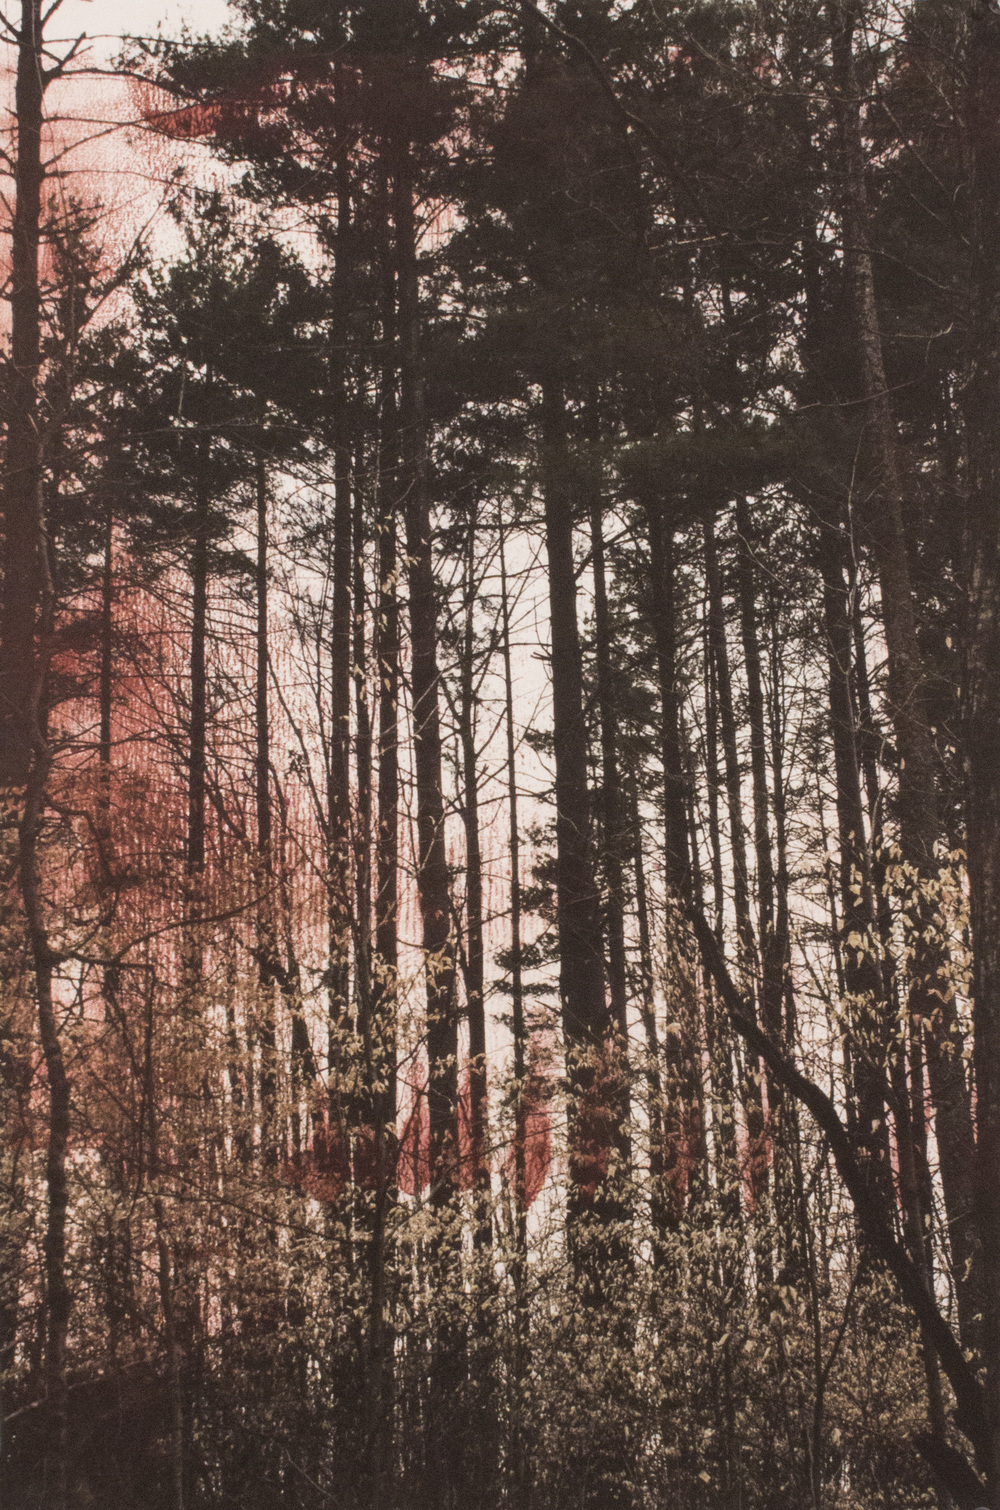 Spring Trees at Lake Monroe